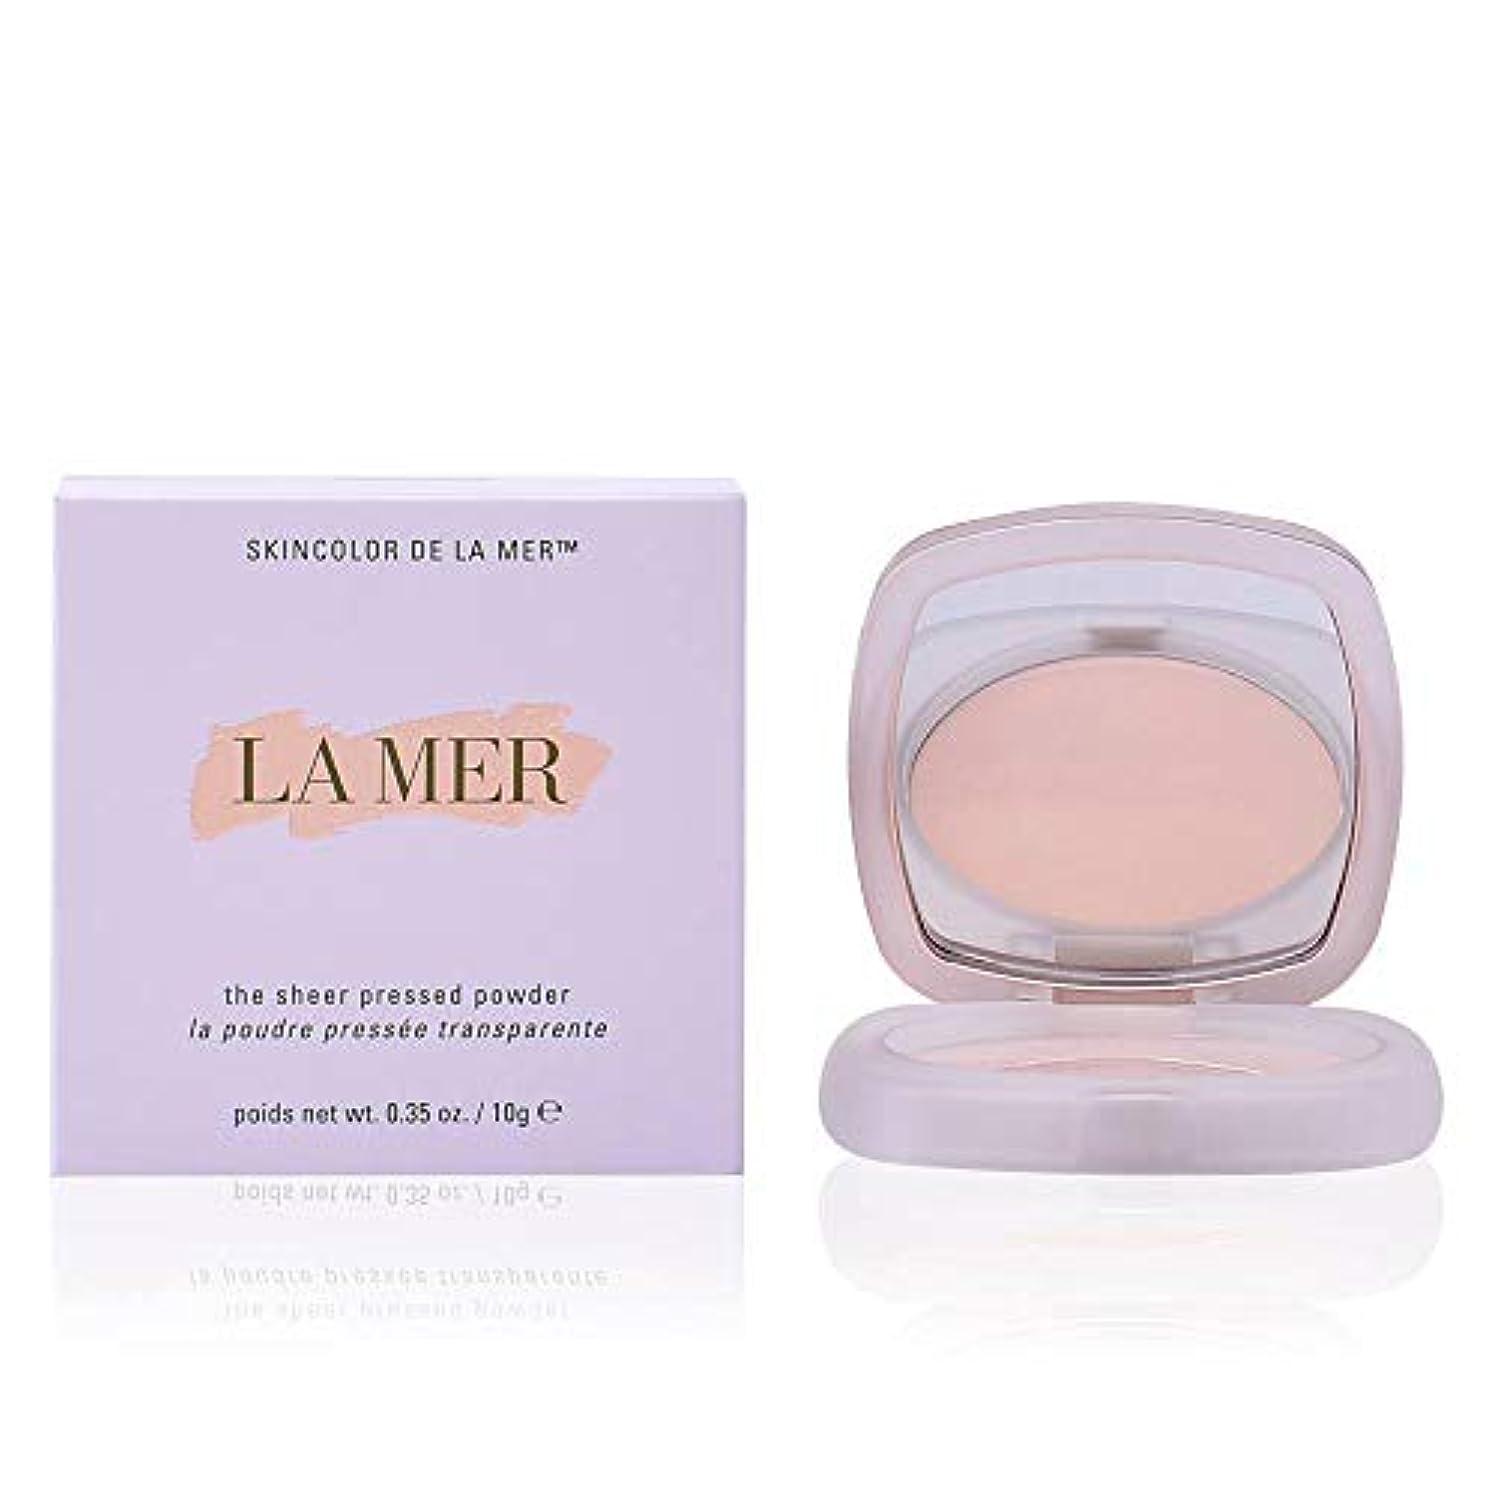 ドゥラメール The Sheer Pressed Powder - # Translucent 10g/0.35oz並行輸入品